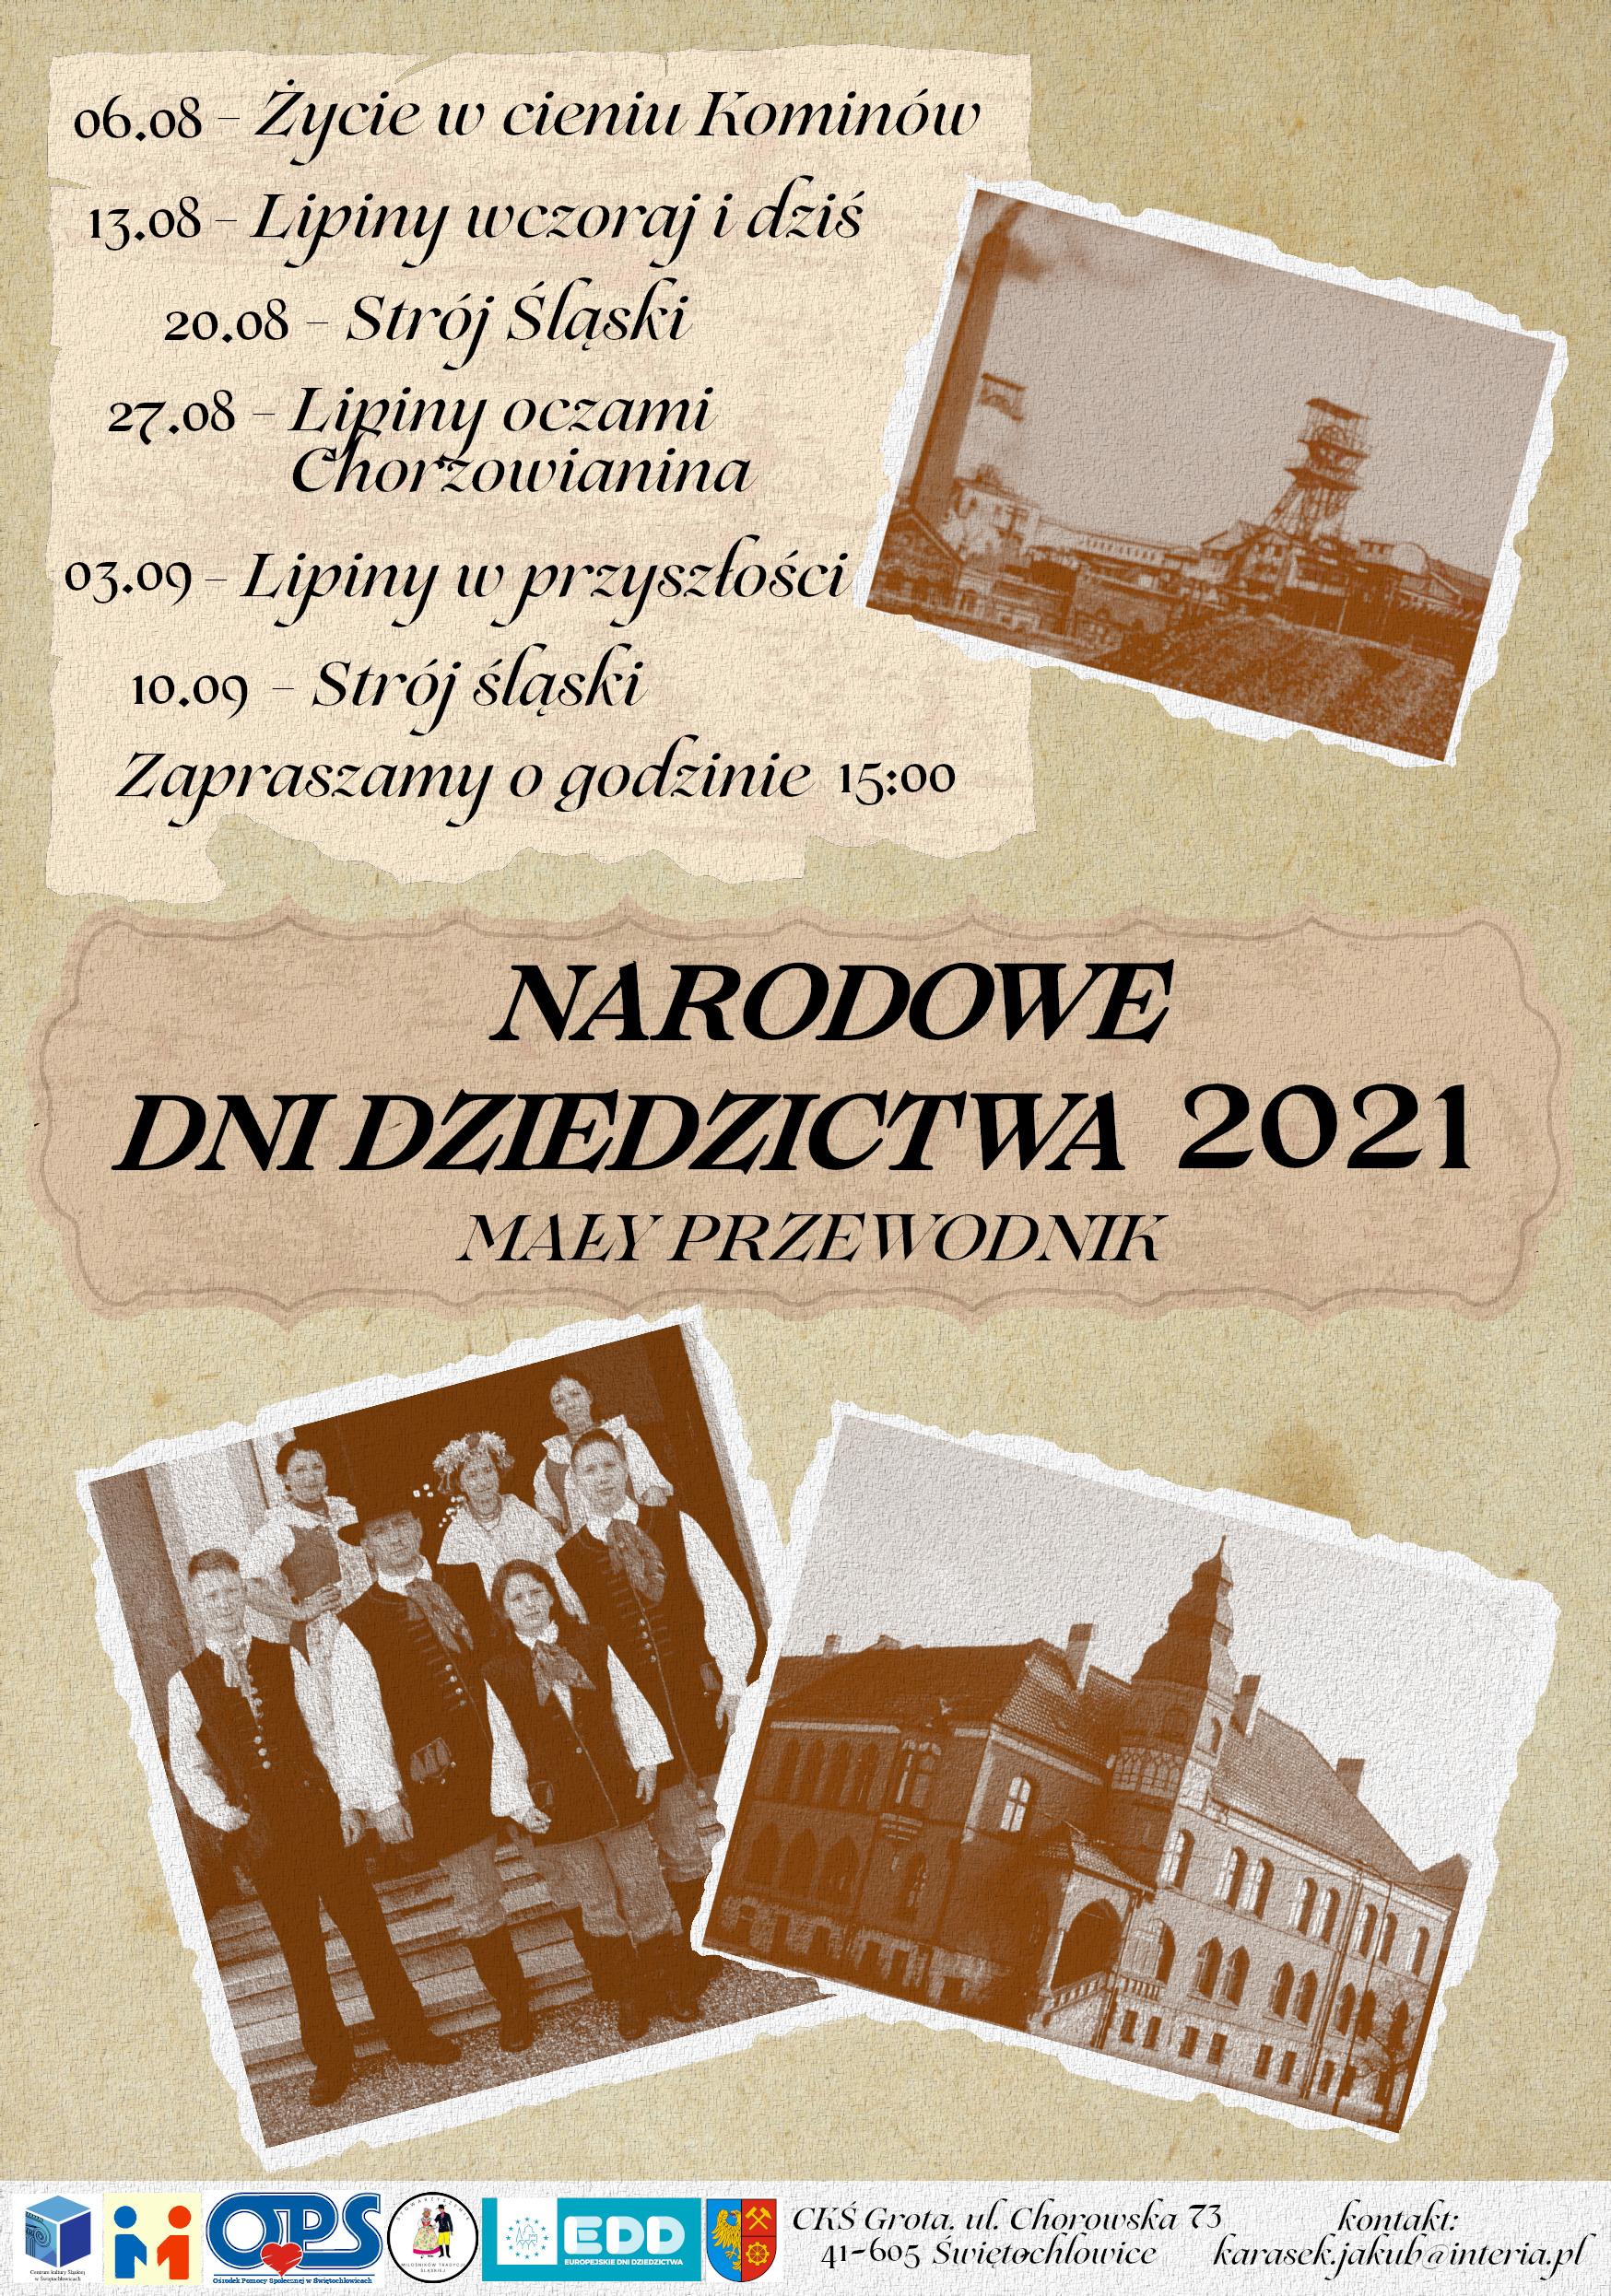 Narodowe Dni Dziedzictwa 2021